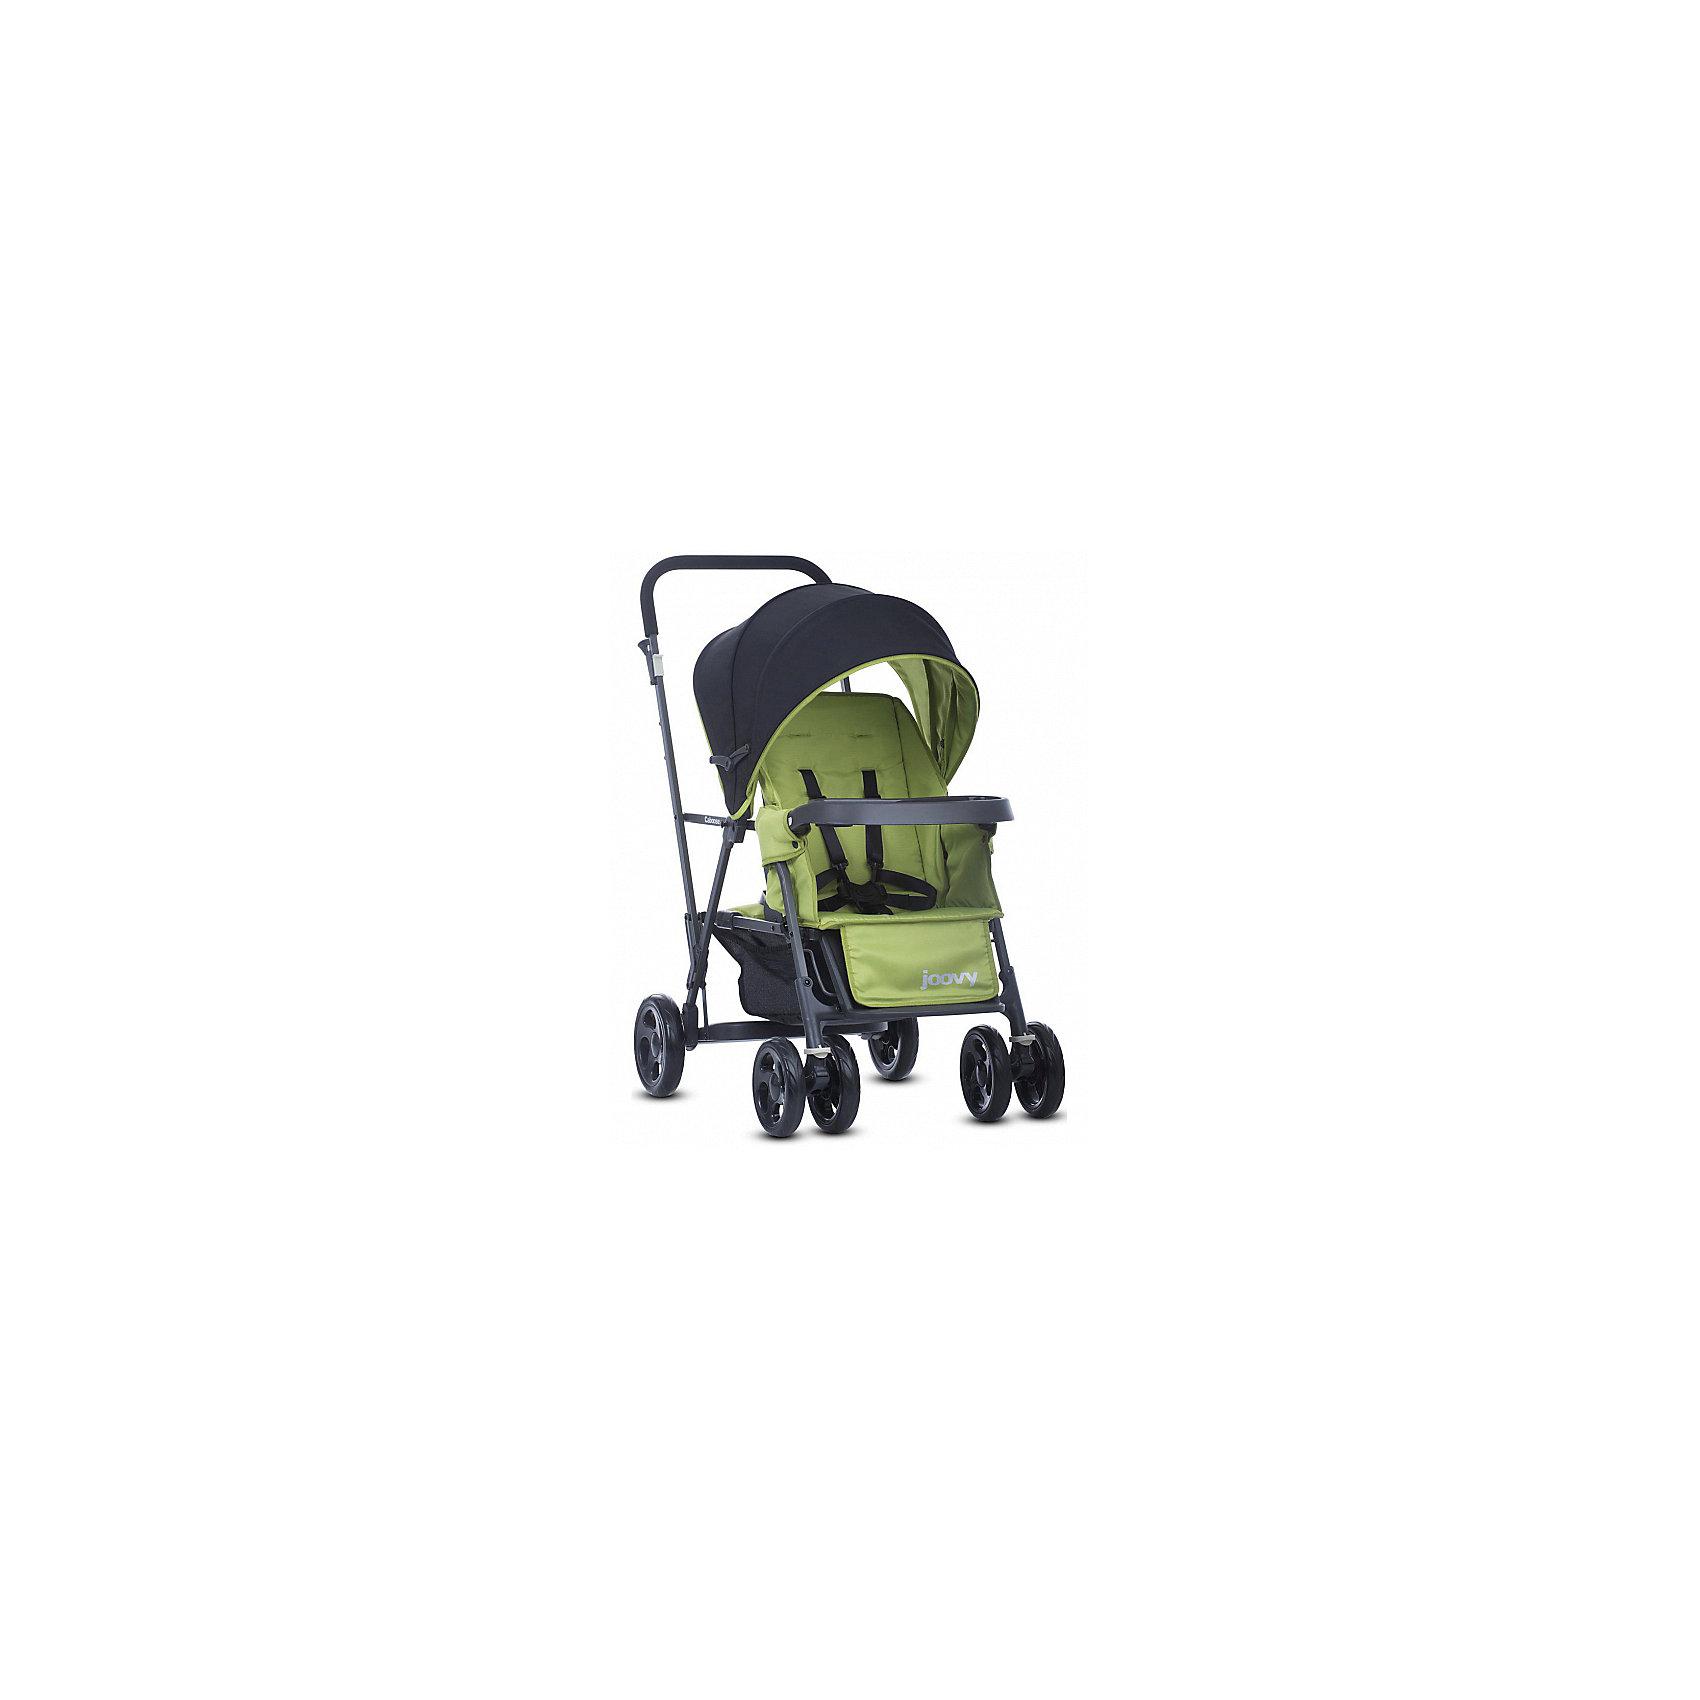 Прогулочная коляска Caboose Graphite, Joovy, зеленыйПрогулочные коляски<br>Joovy Caboose (Джуви Кабуз) одна из самых компактных и маневренных колясок в своей категории Коляска для двойни и погодок. Переднее сиденье предназначено для ребенка от 3 месяцев, заднее сиденье-скамеечка от 2,5 лет. Для использования коляски с двумя детьми младше 2,5 лет необходимо приобрести дополнительное сиденье. Амортизируемая подвеска на всех колесах придает коляске мягкий ход во время движения. Для старшего ребенка предусмотрена платформа для езды стоя. Идеальное распределение веса позволит вам без труда преодолевать бордюры и с комфортом совершать прогулки по городу. С помощью универсального адаптера, входящего в комплектацию, на переднее сиденье можно установить любое автокресло 0+.<br><br>Ширина мм: 500<br>Глубина мм: 260<br>Высота мм: 900<br>Вес г: 13500<br>Возраст от месяцев: 0<br>Возраст до месяцев: 36<br>Пол: Унисекс<br>Возраст: Детский<br>SKU: 6887316